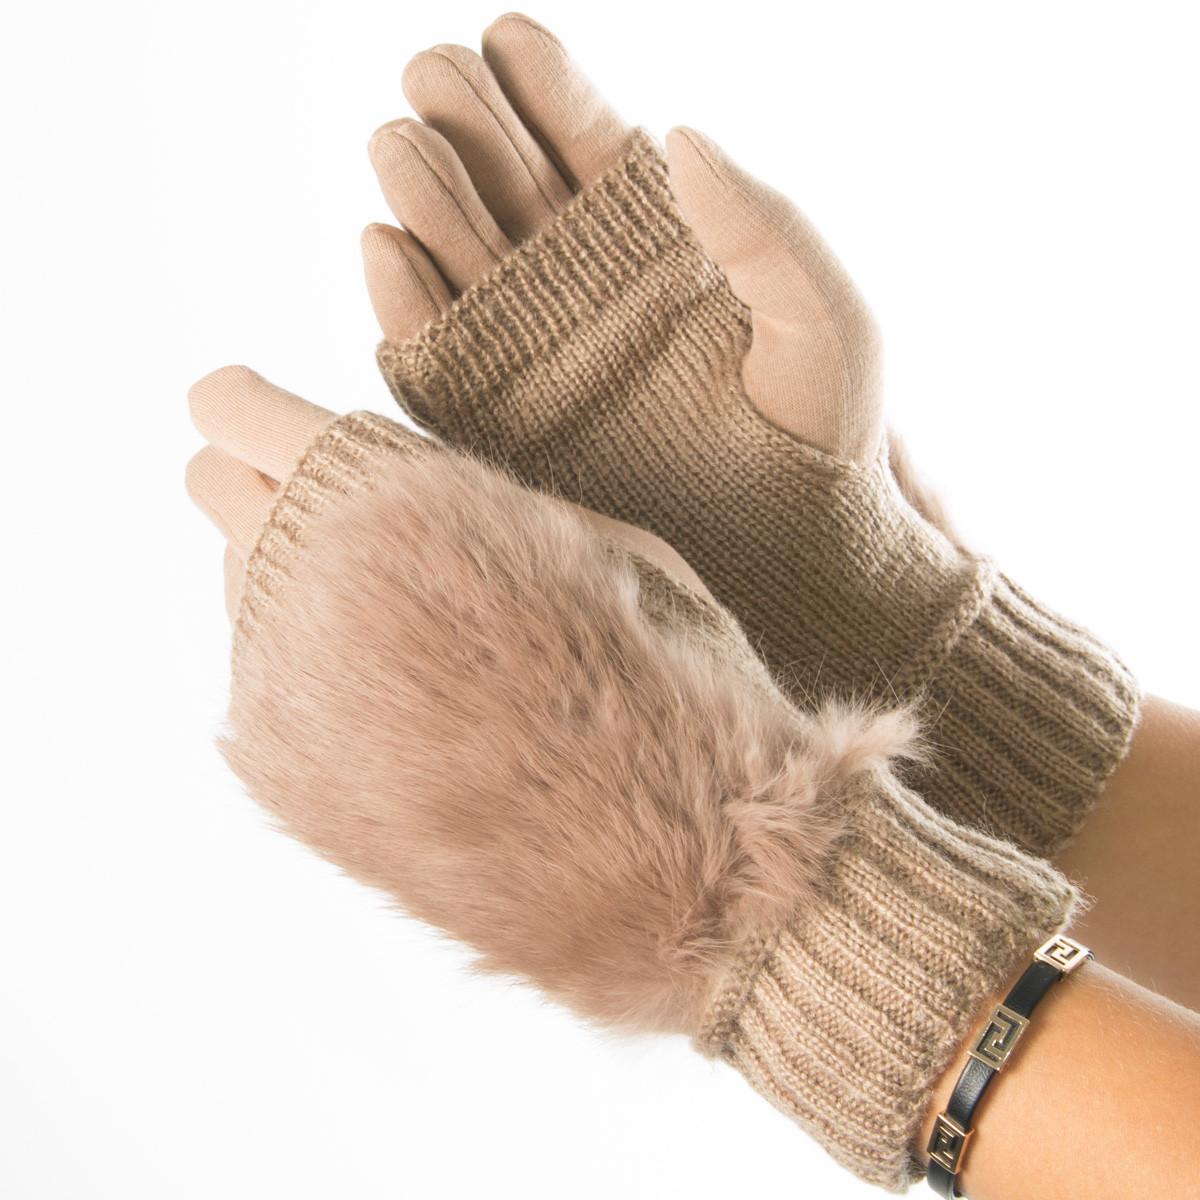 Текстильные женские перчатки-митенки с вязкой и вставкой с искусственного меха (бежевые)  № 19-F10-4